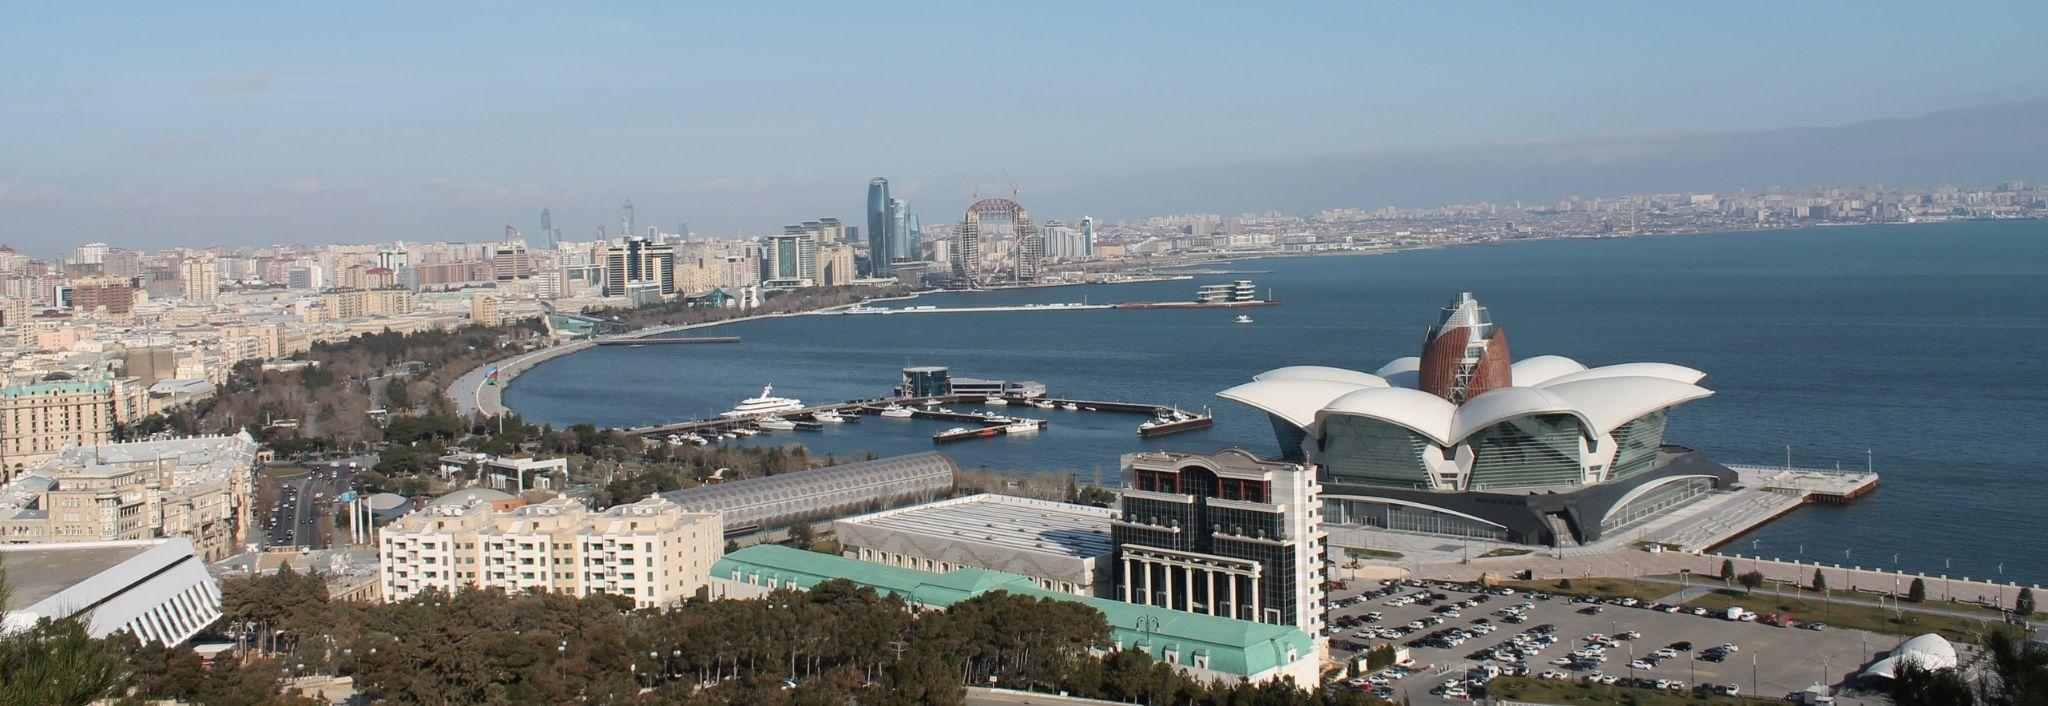 Misia v Azerbajdžane